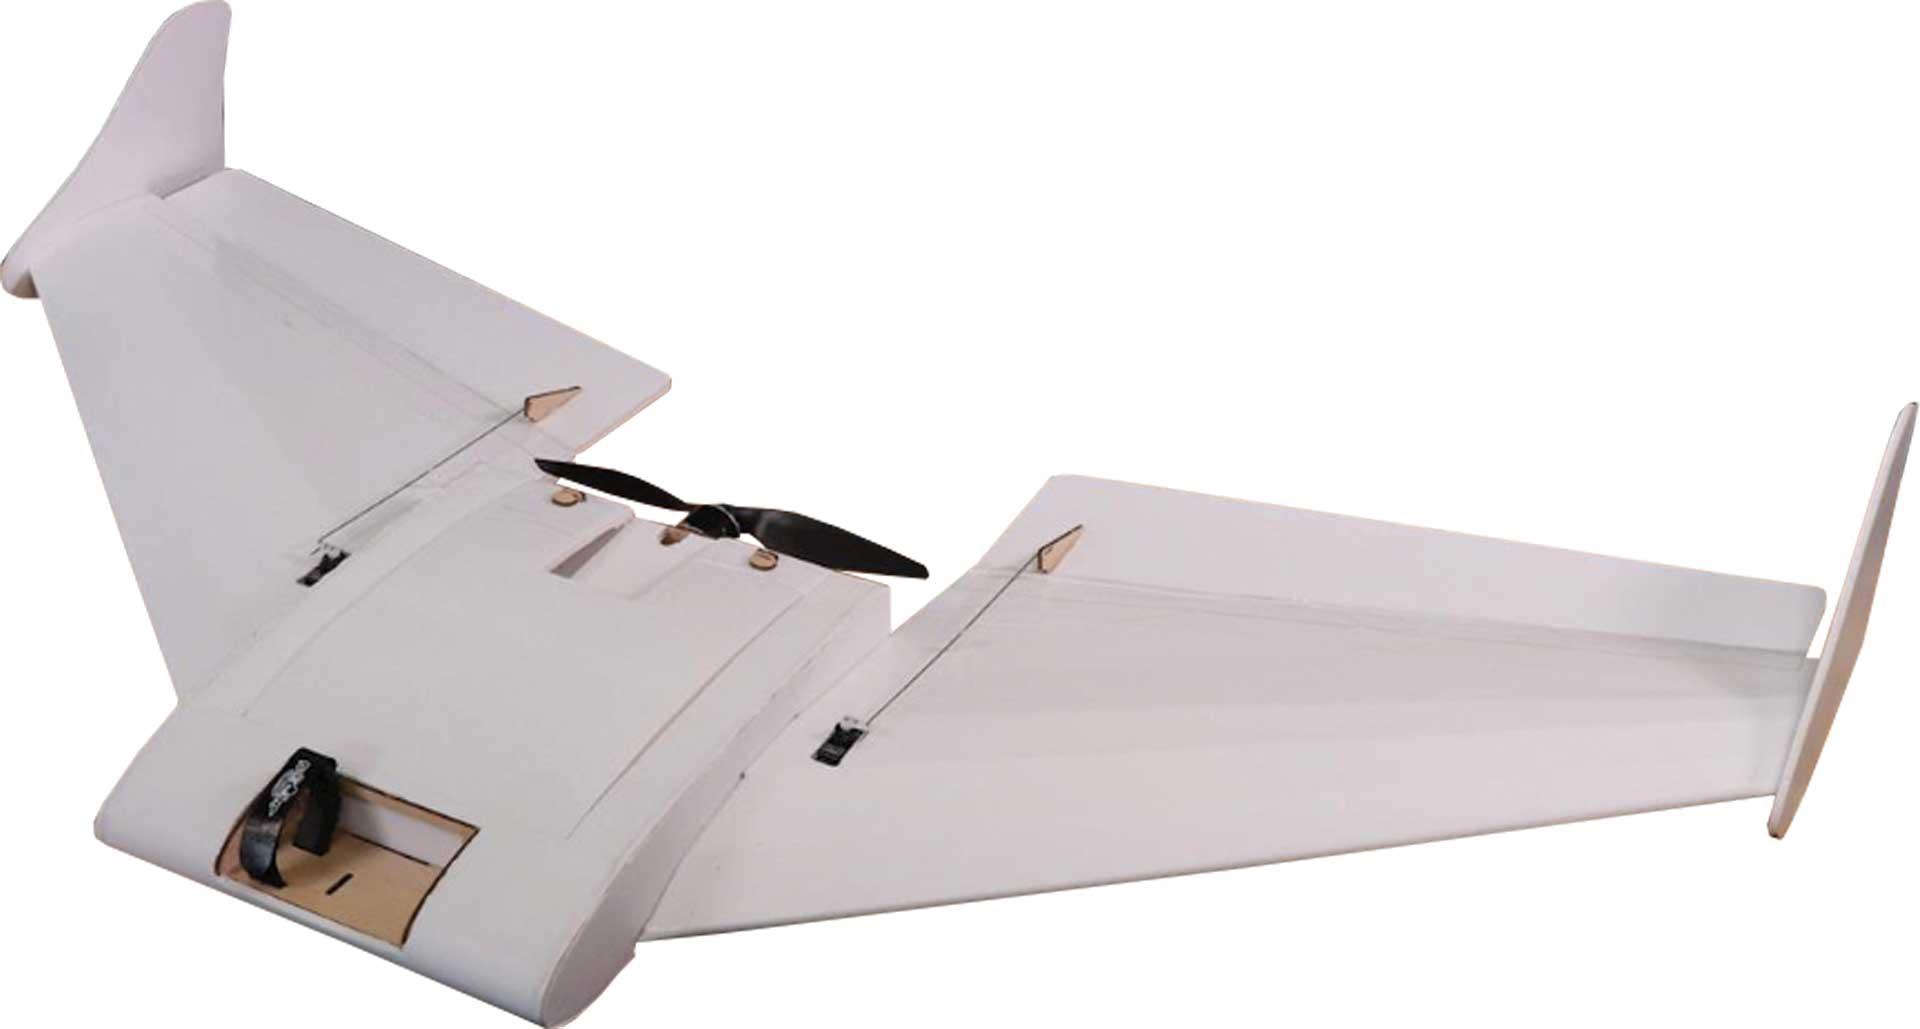 FLITE TEST Spear Kit Maker Foam